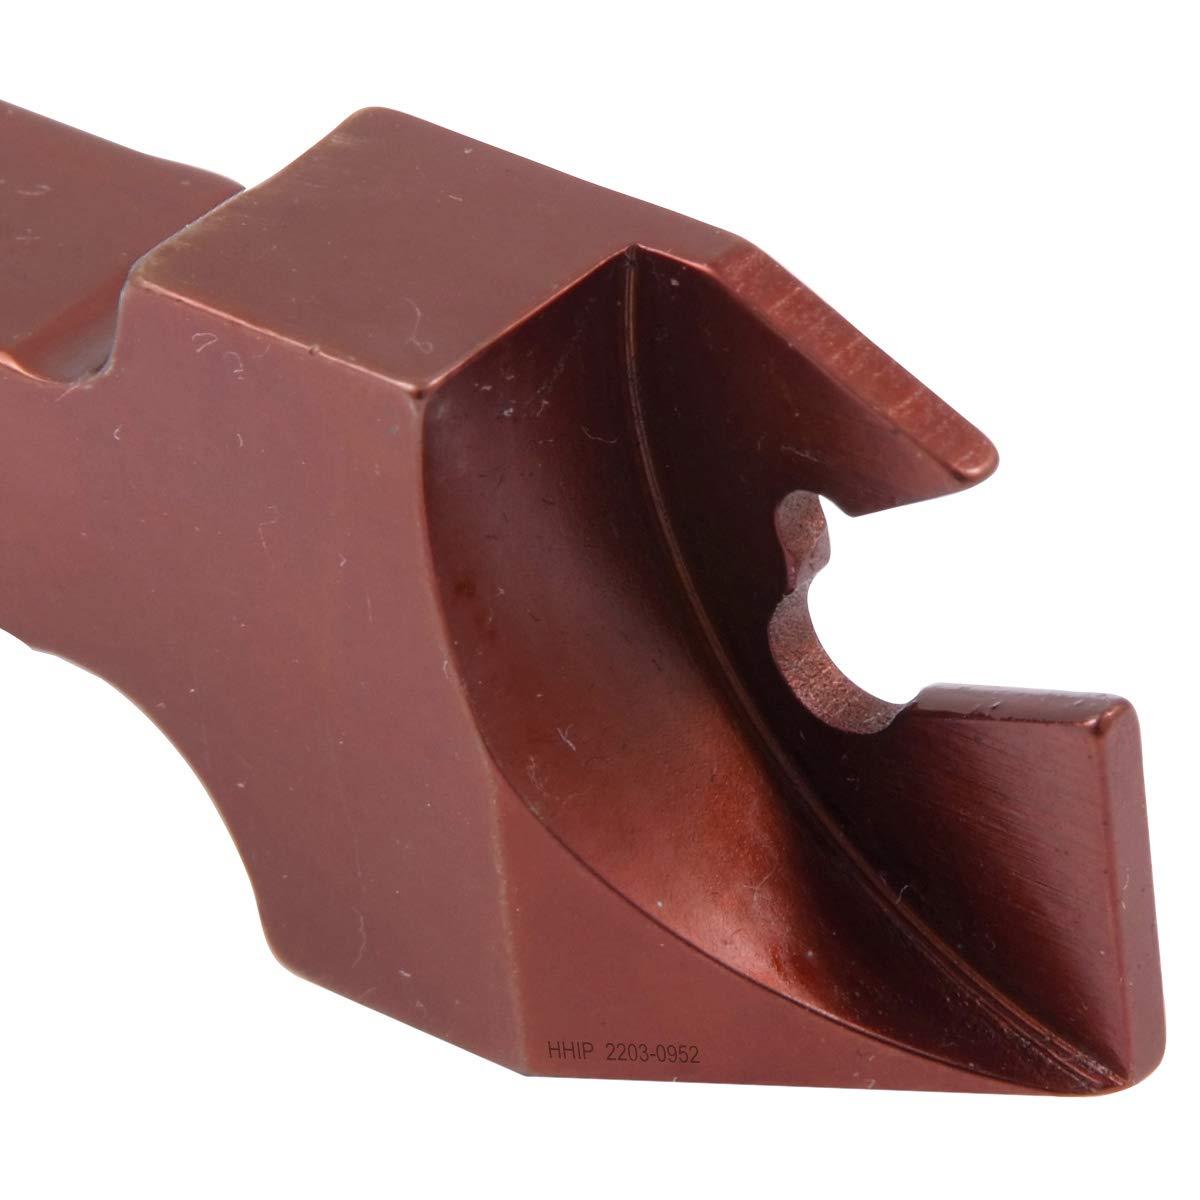 HHIP 2202-1640 Style SGTFR 16-4 Cut-Off Tool Holder-GTN-3